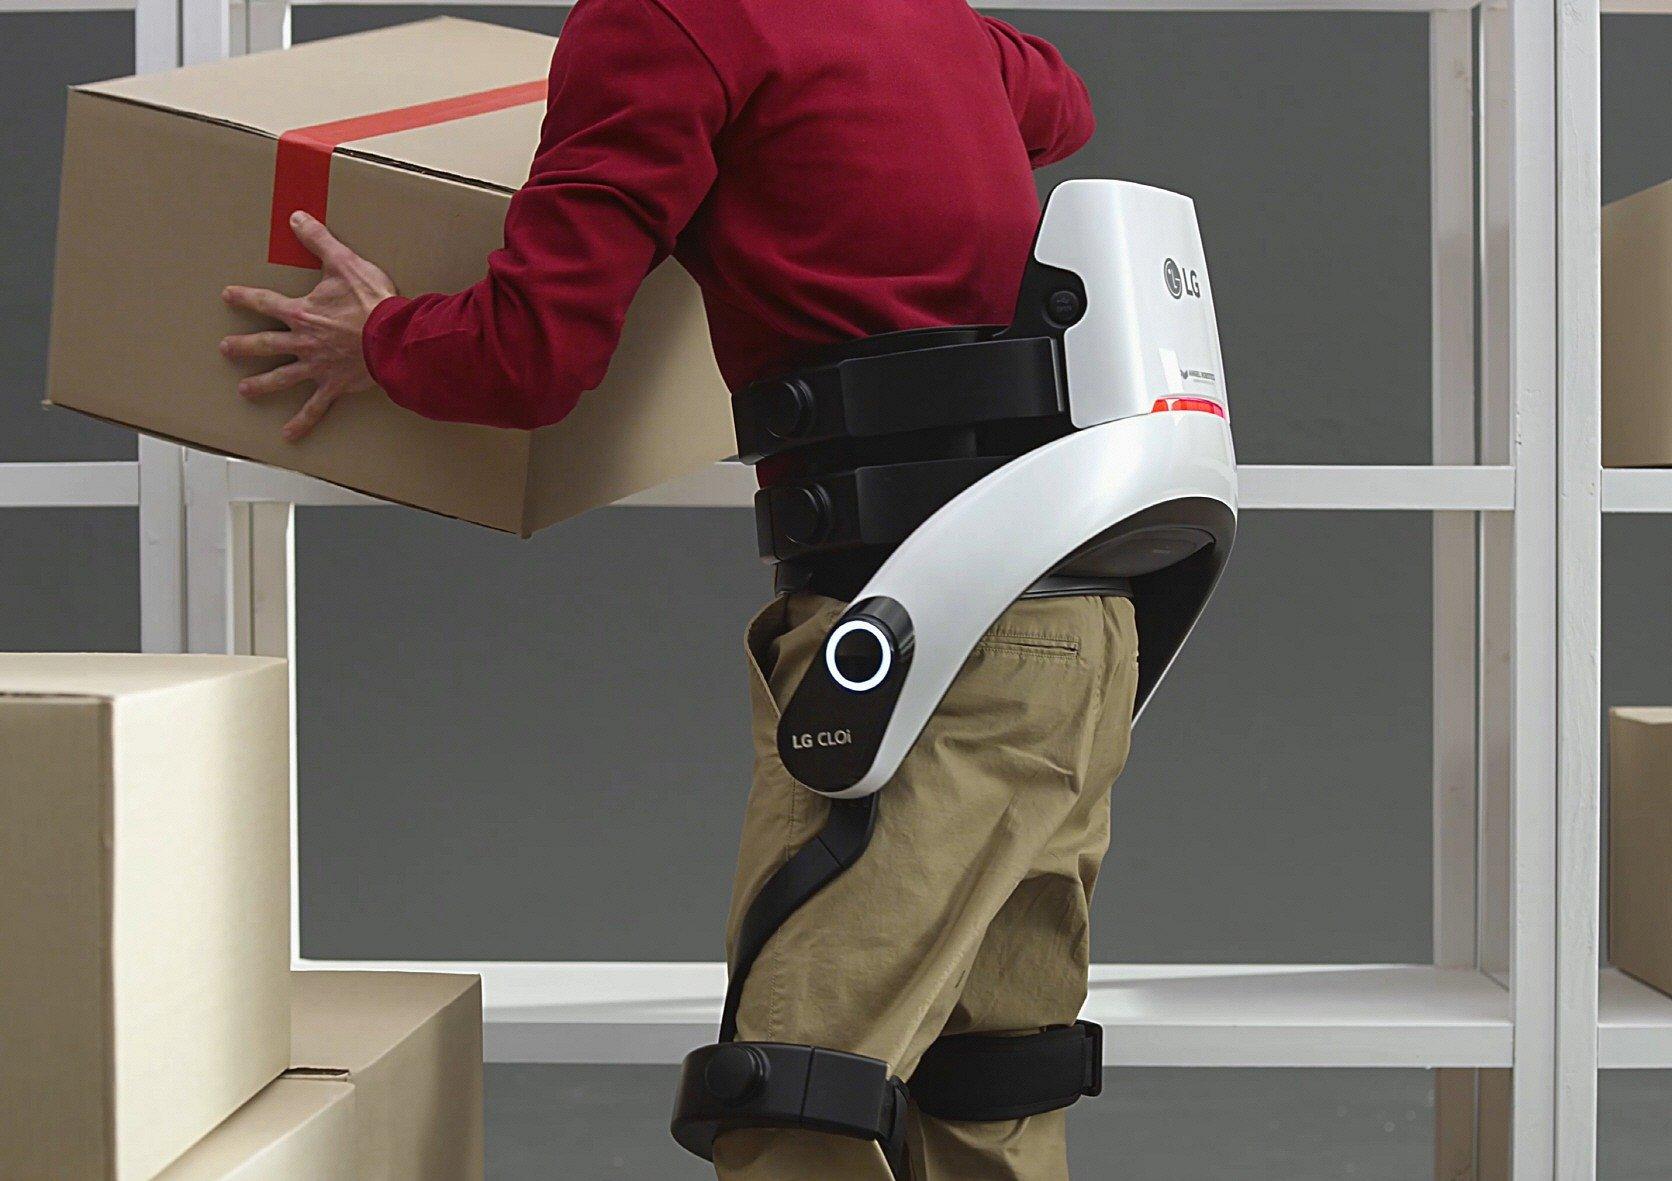 CES 2019: Twój przyjaciel robot - LG odkrywa praktyczny kierunek rozwoju robotyki i sztucznej inteligencji